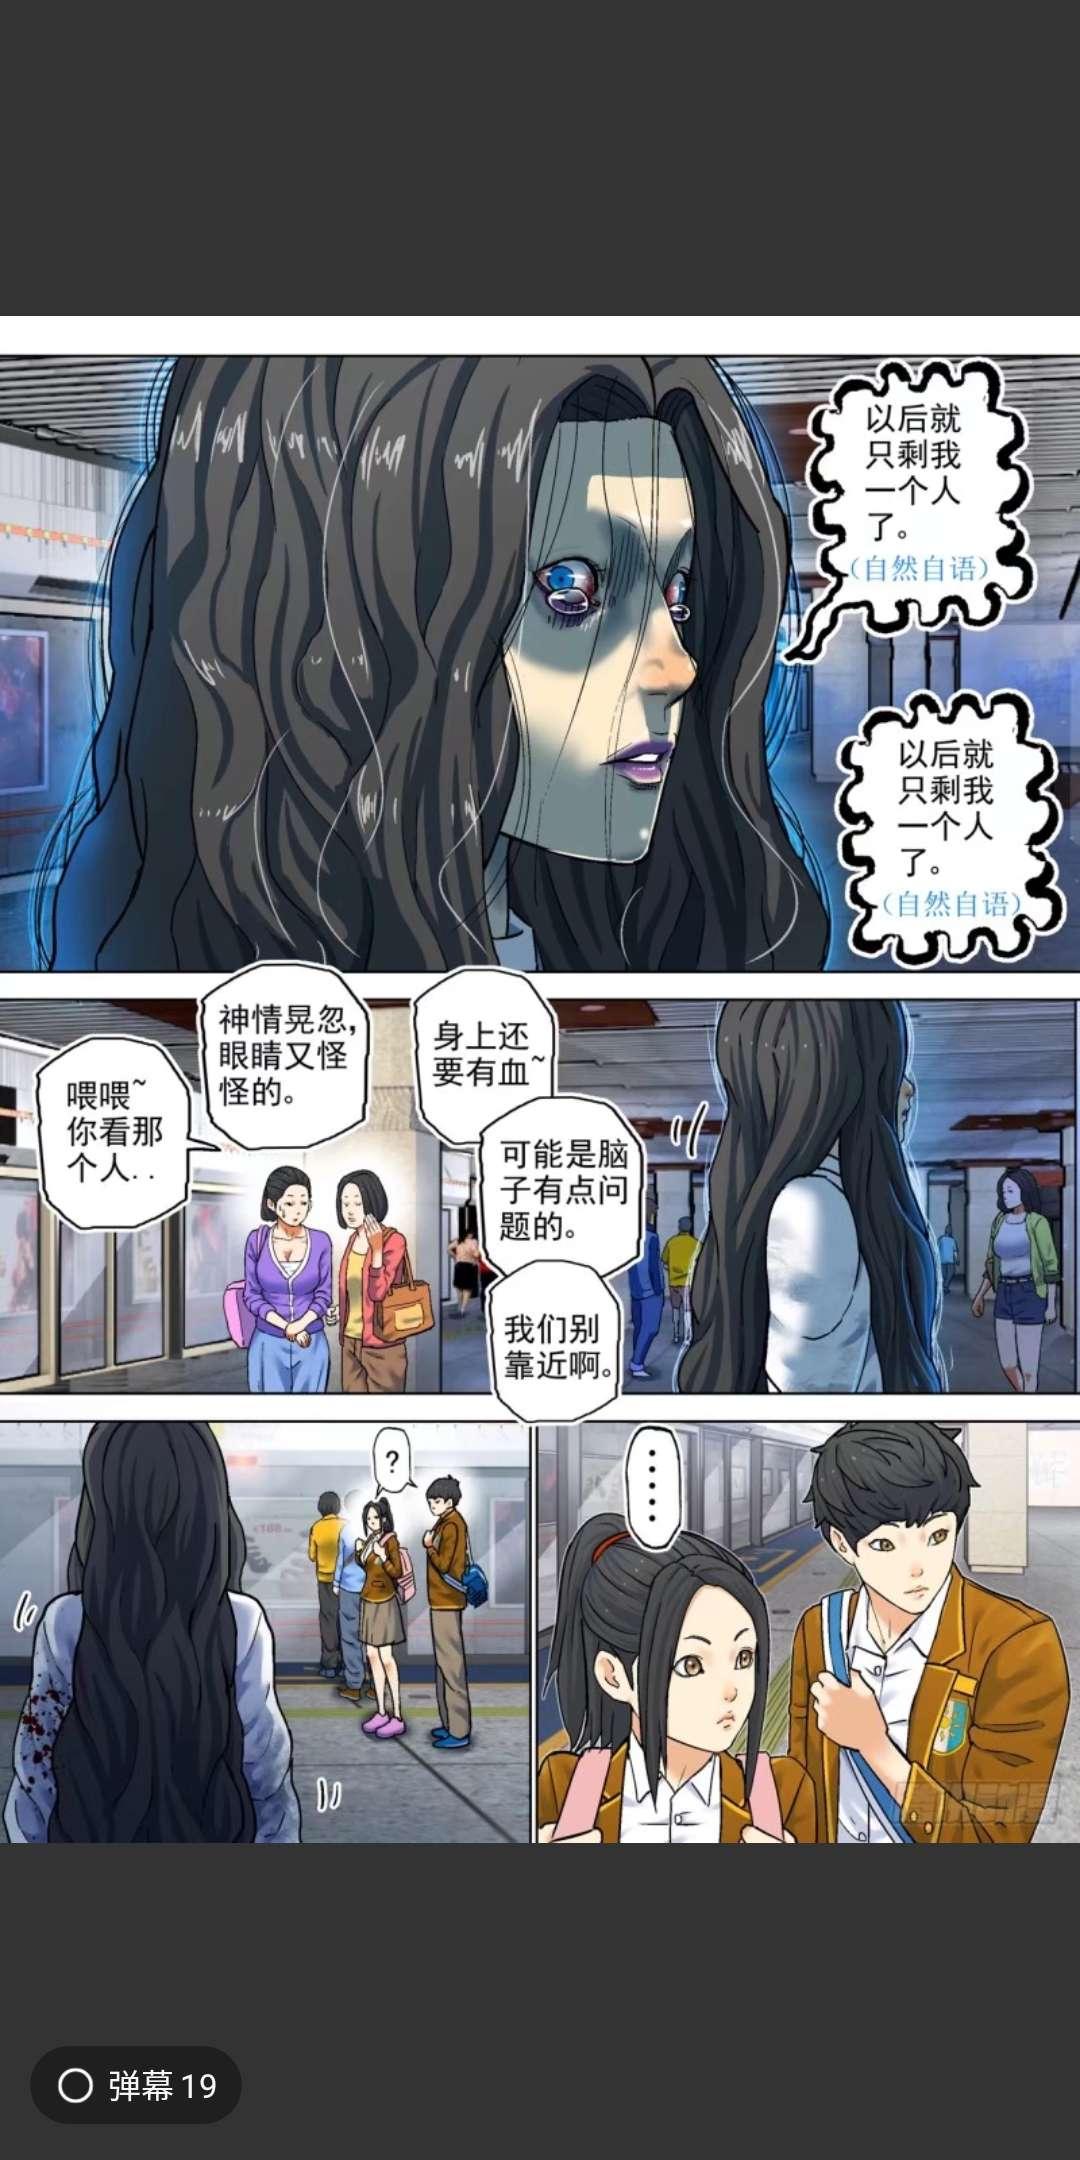 【漫画更新】私人英雄213